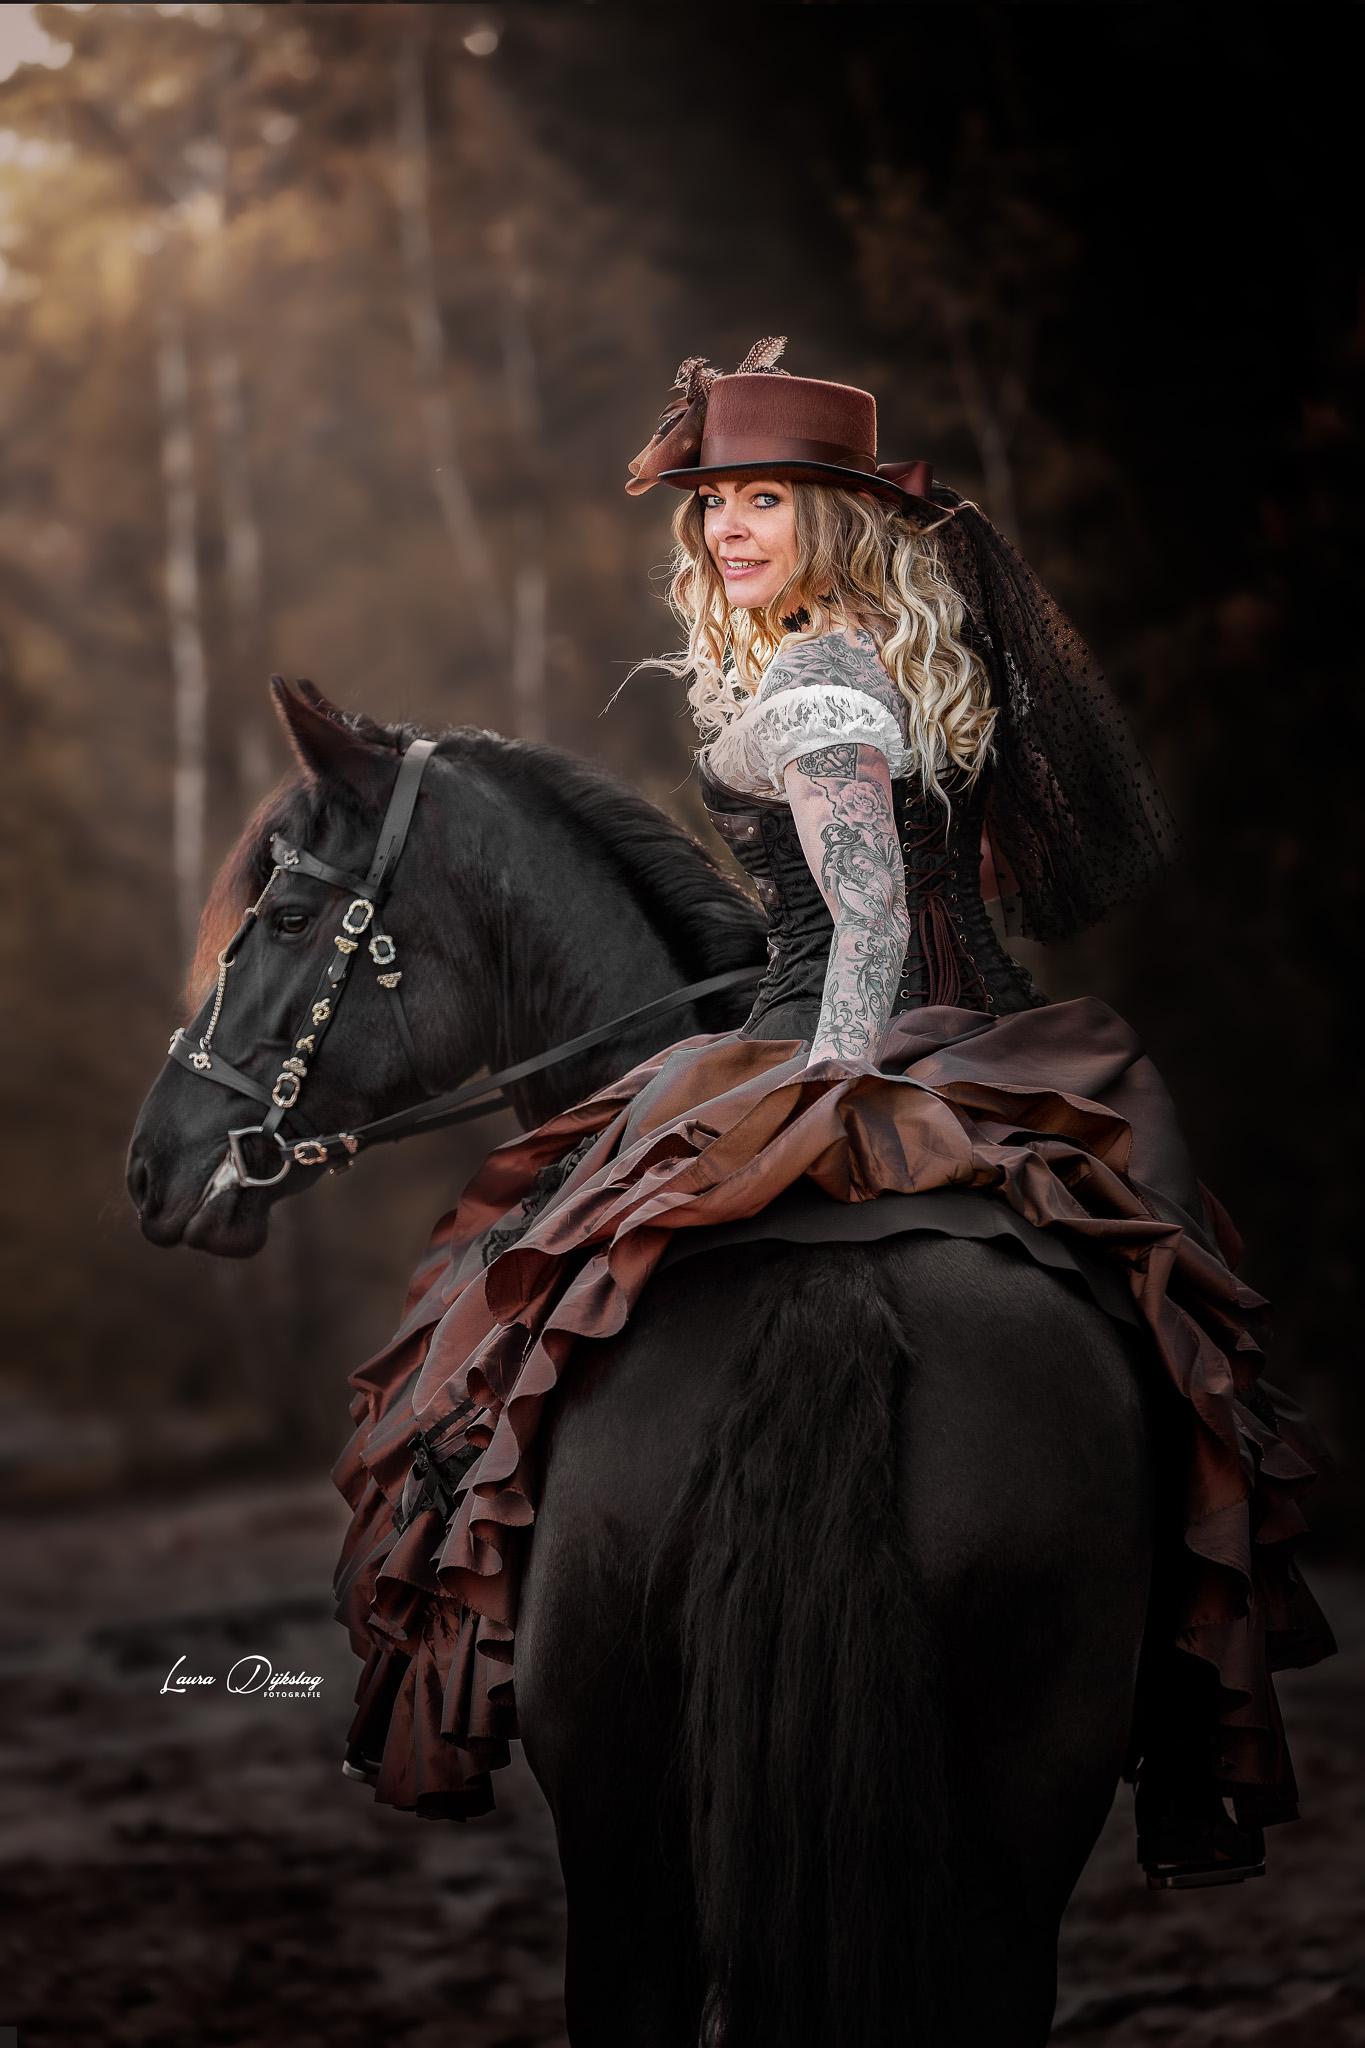 lauradijkslagfotografie themashoot fries paardpaardenfotograaf heerde